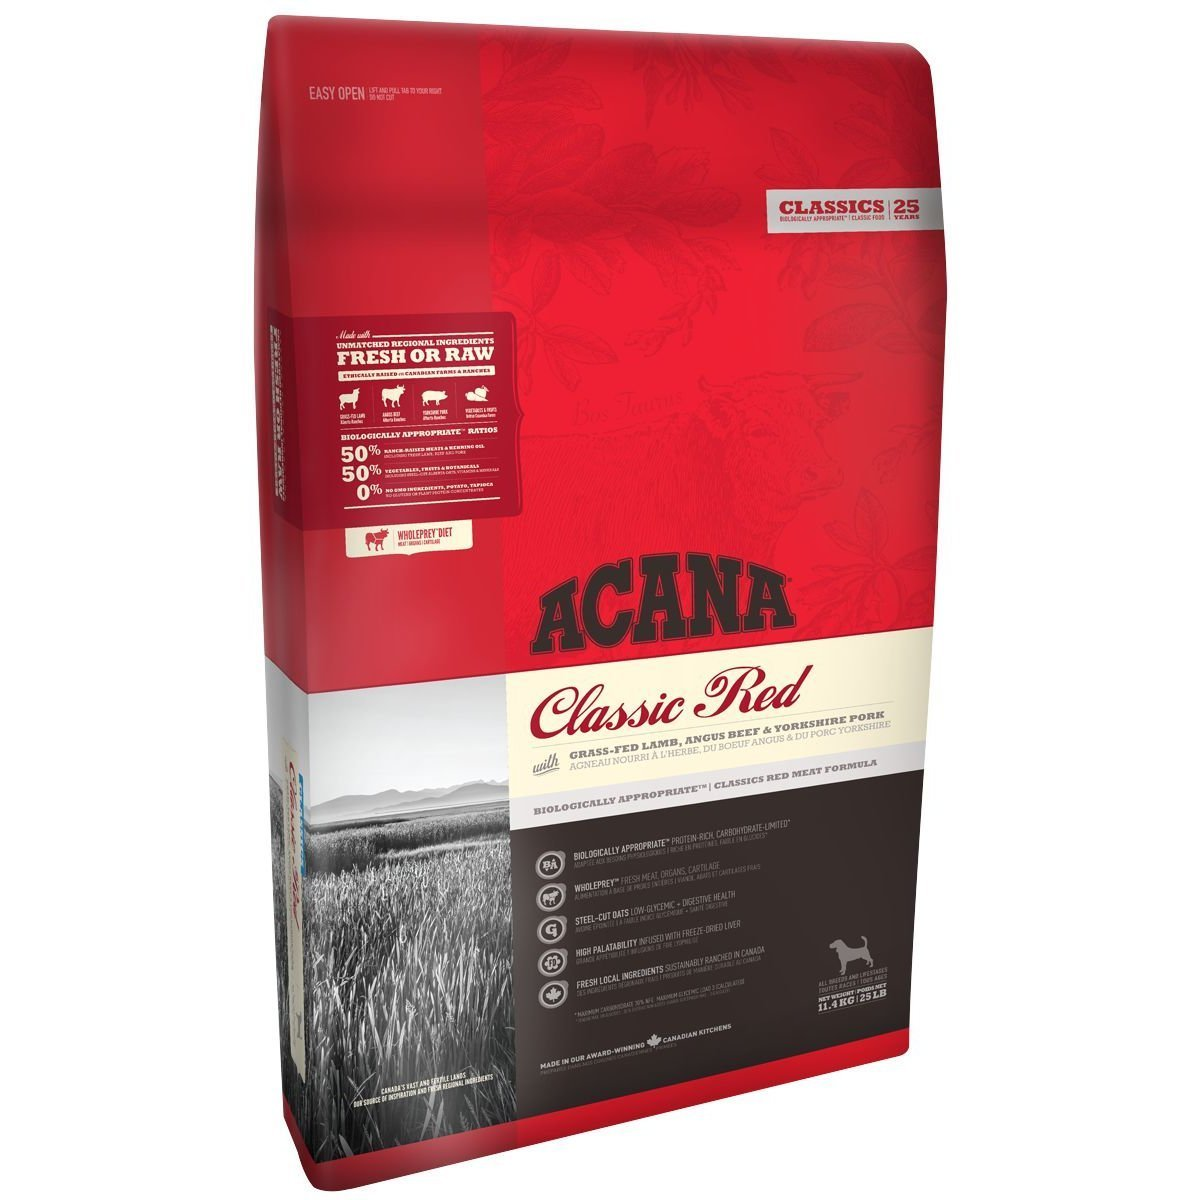 Acana Classic Red Hundefutter, Bild 2